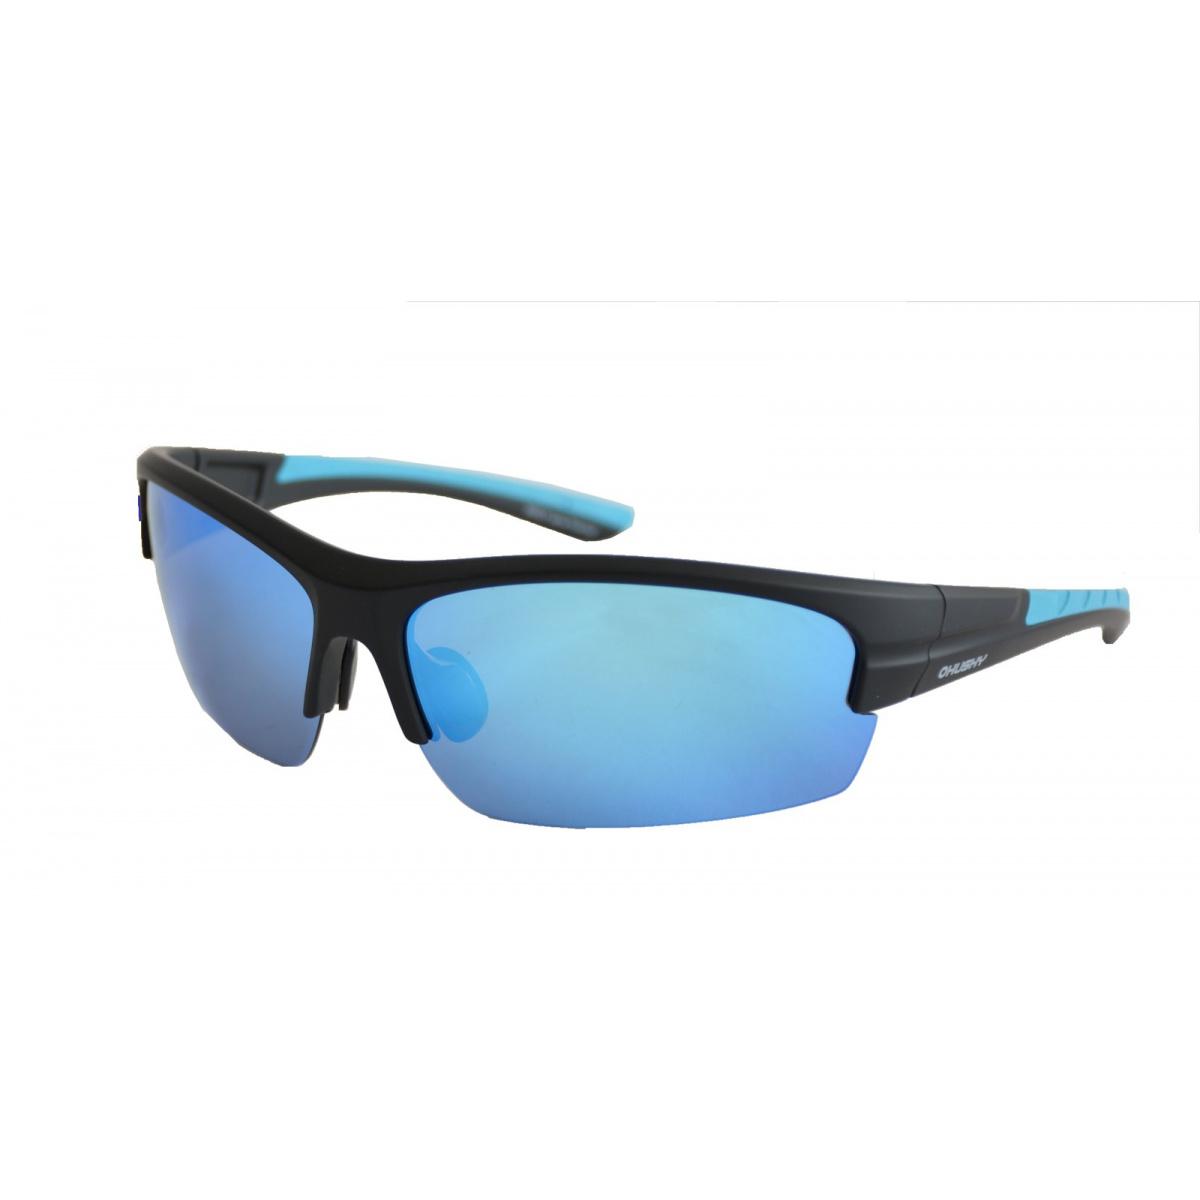 7a4e9e2247c Sportovní brýle - Snoly – černá